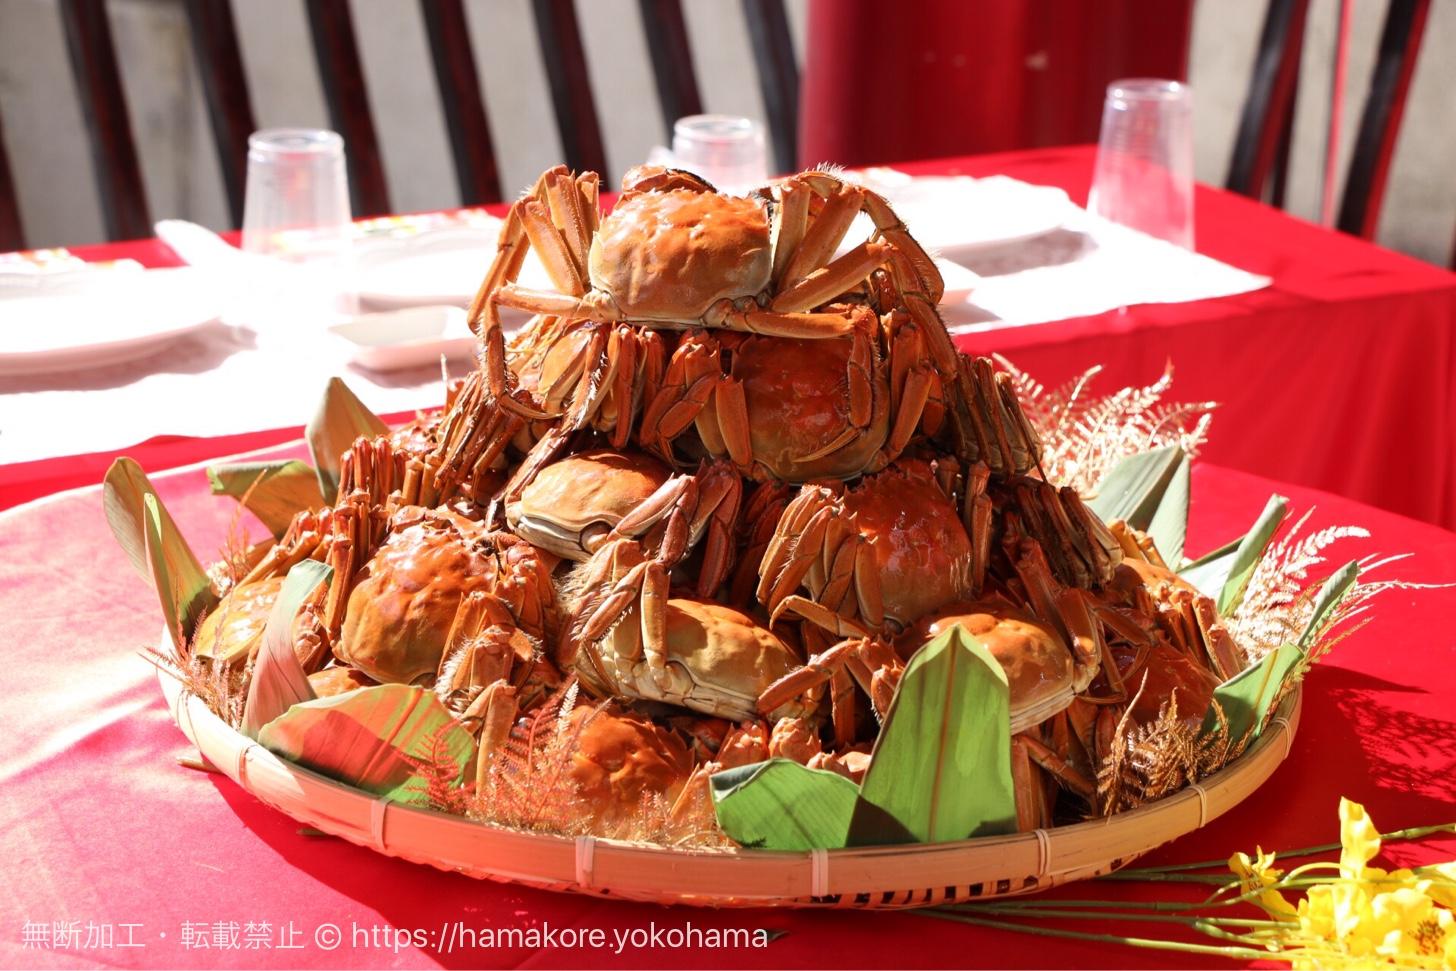 横浜中華街で「上海蟹フェア」が開催中!臭みのない超濃厚蟹ミソが格別の美味